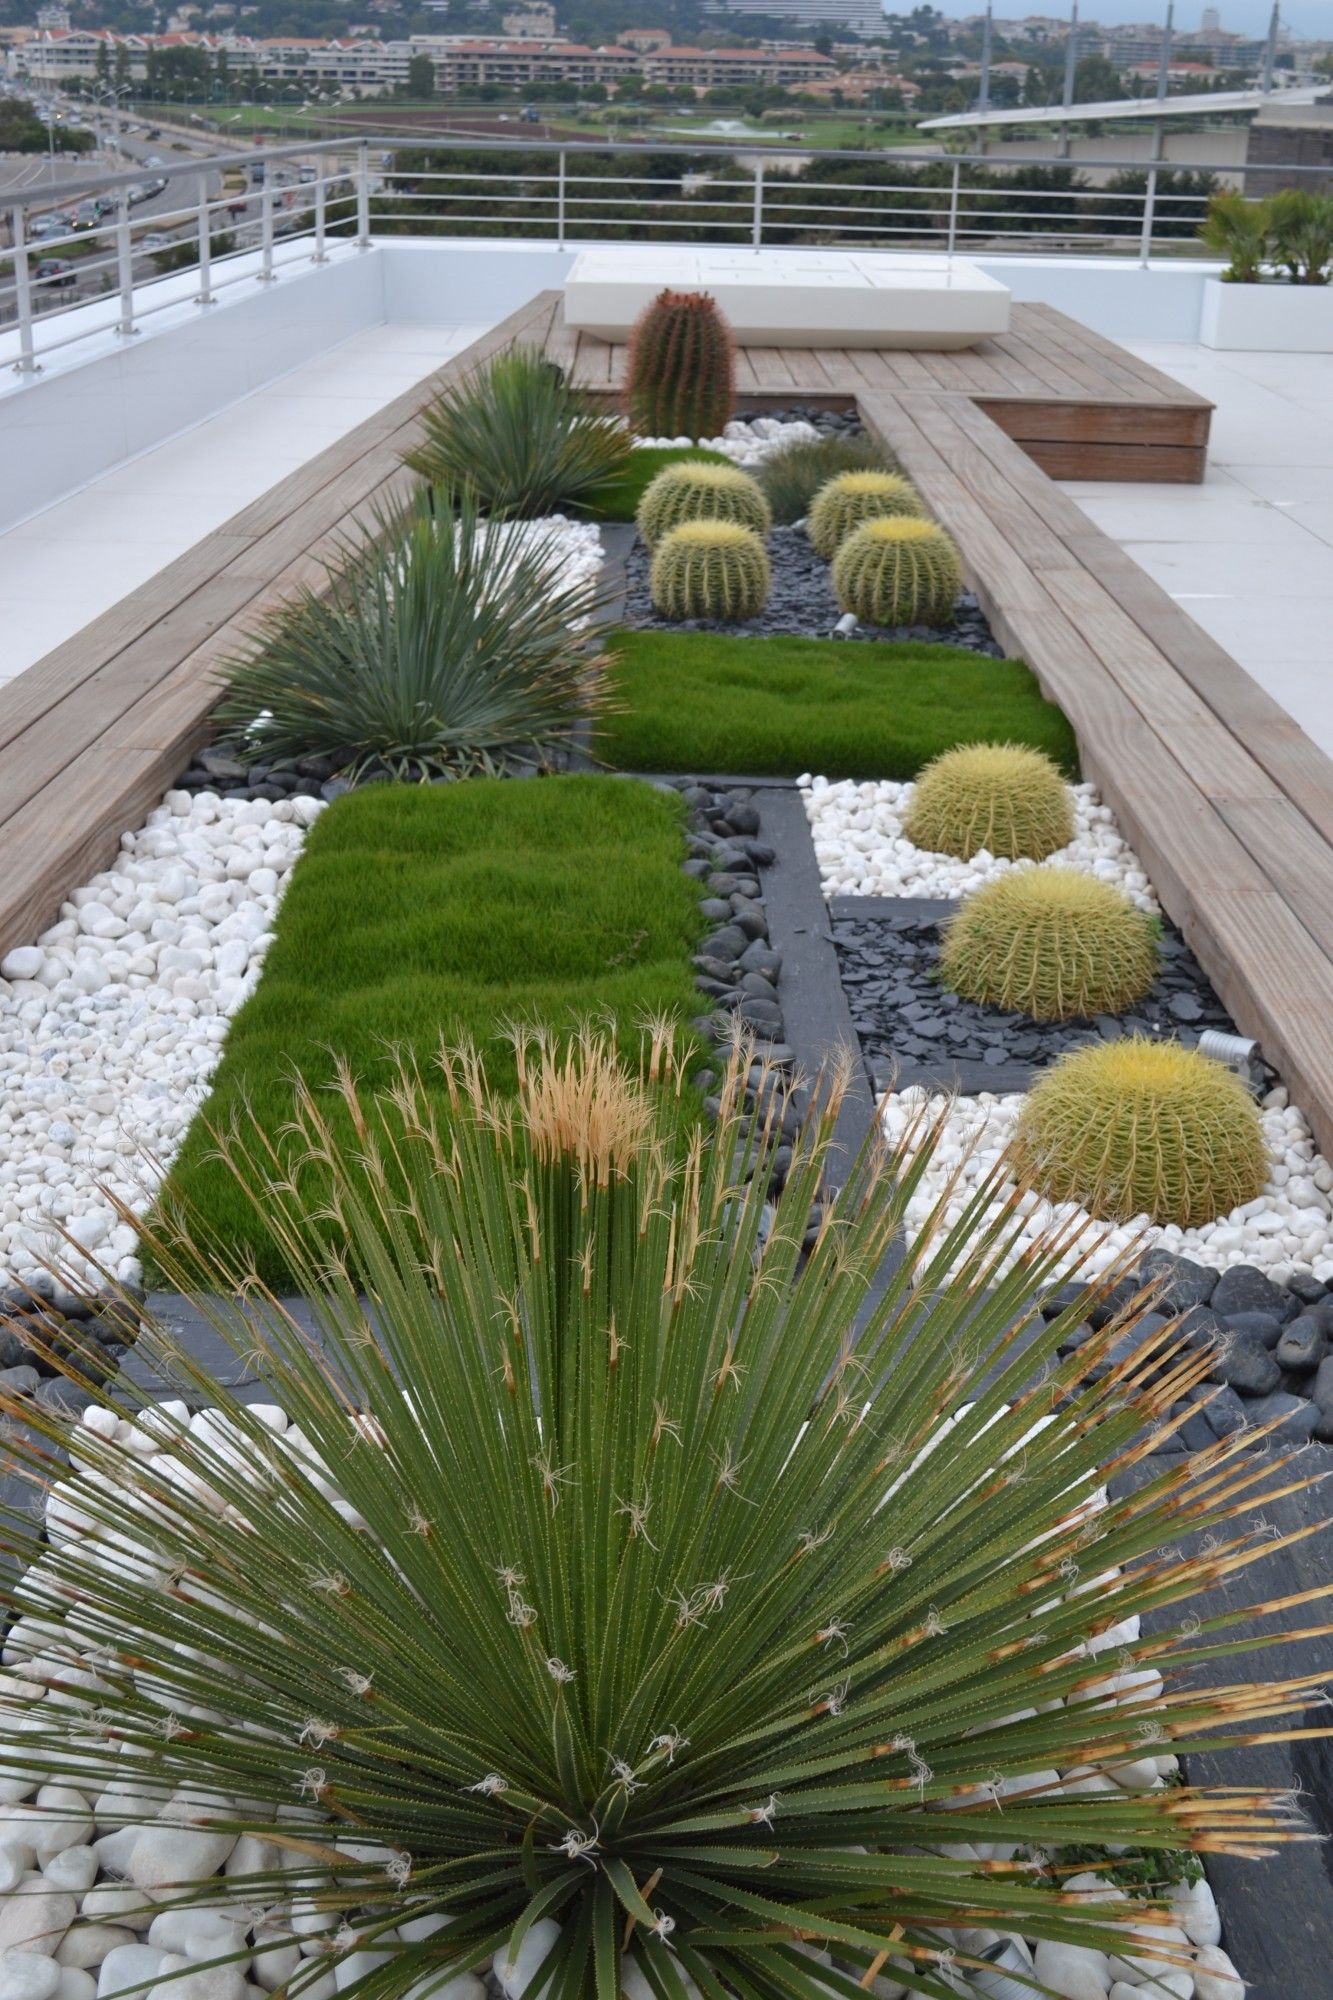 Les 25 meilleures id es de la cat gorie espace vert sur pinterest tige de la plante entretien for Jardin moderne contemporain